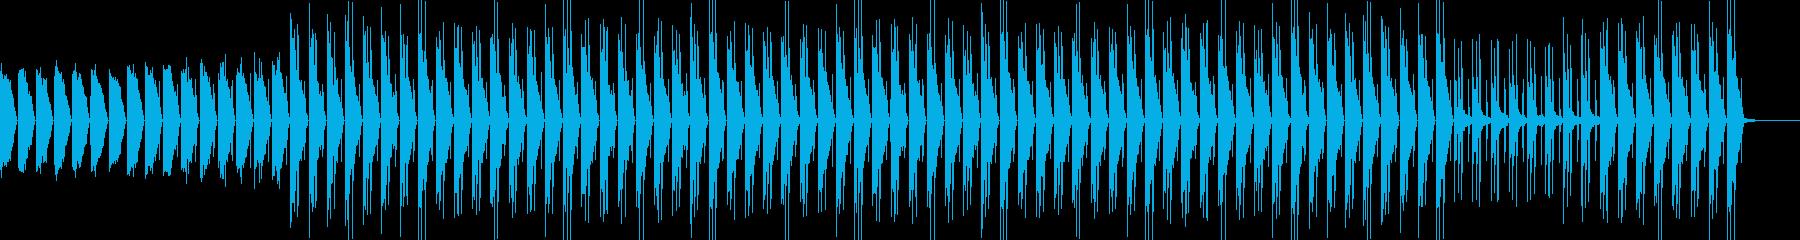 ミディアムテンポの80年代型シティポップの再生済みの波形